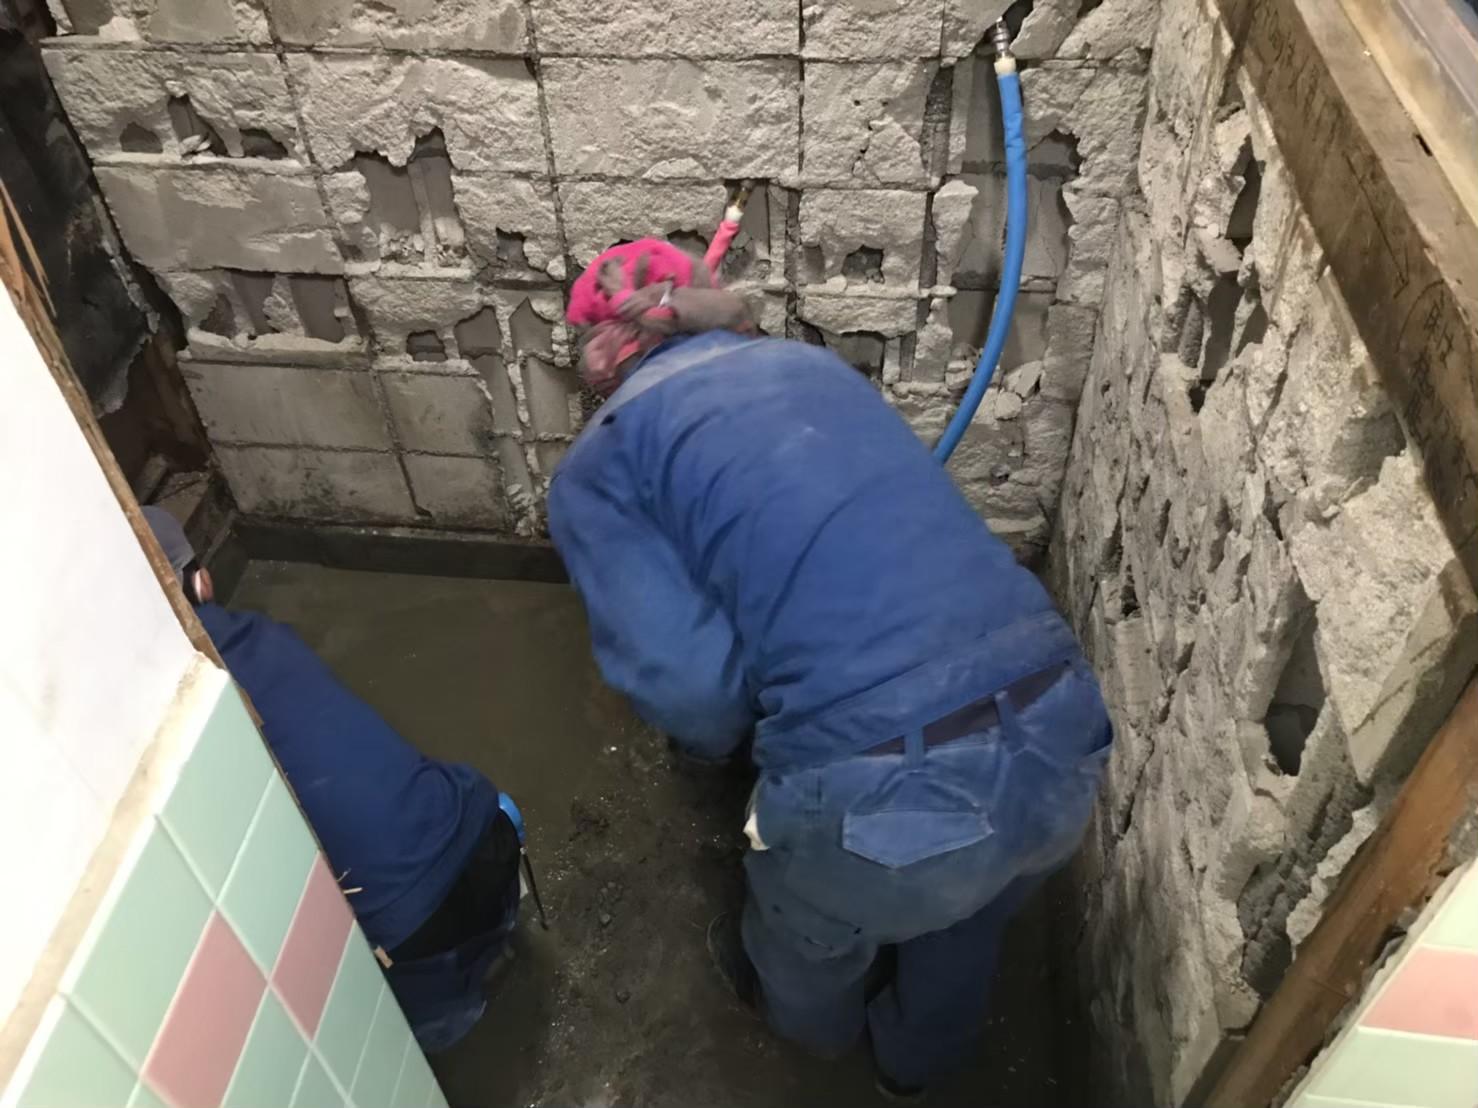 高崎市にてお風呂工事着工中の様子をご紹介します。